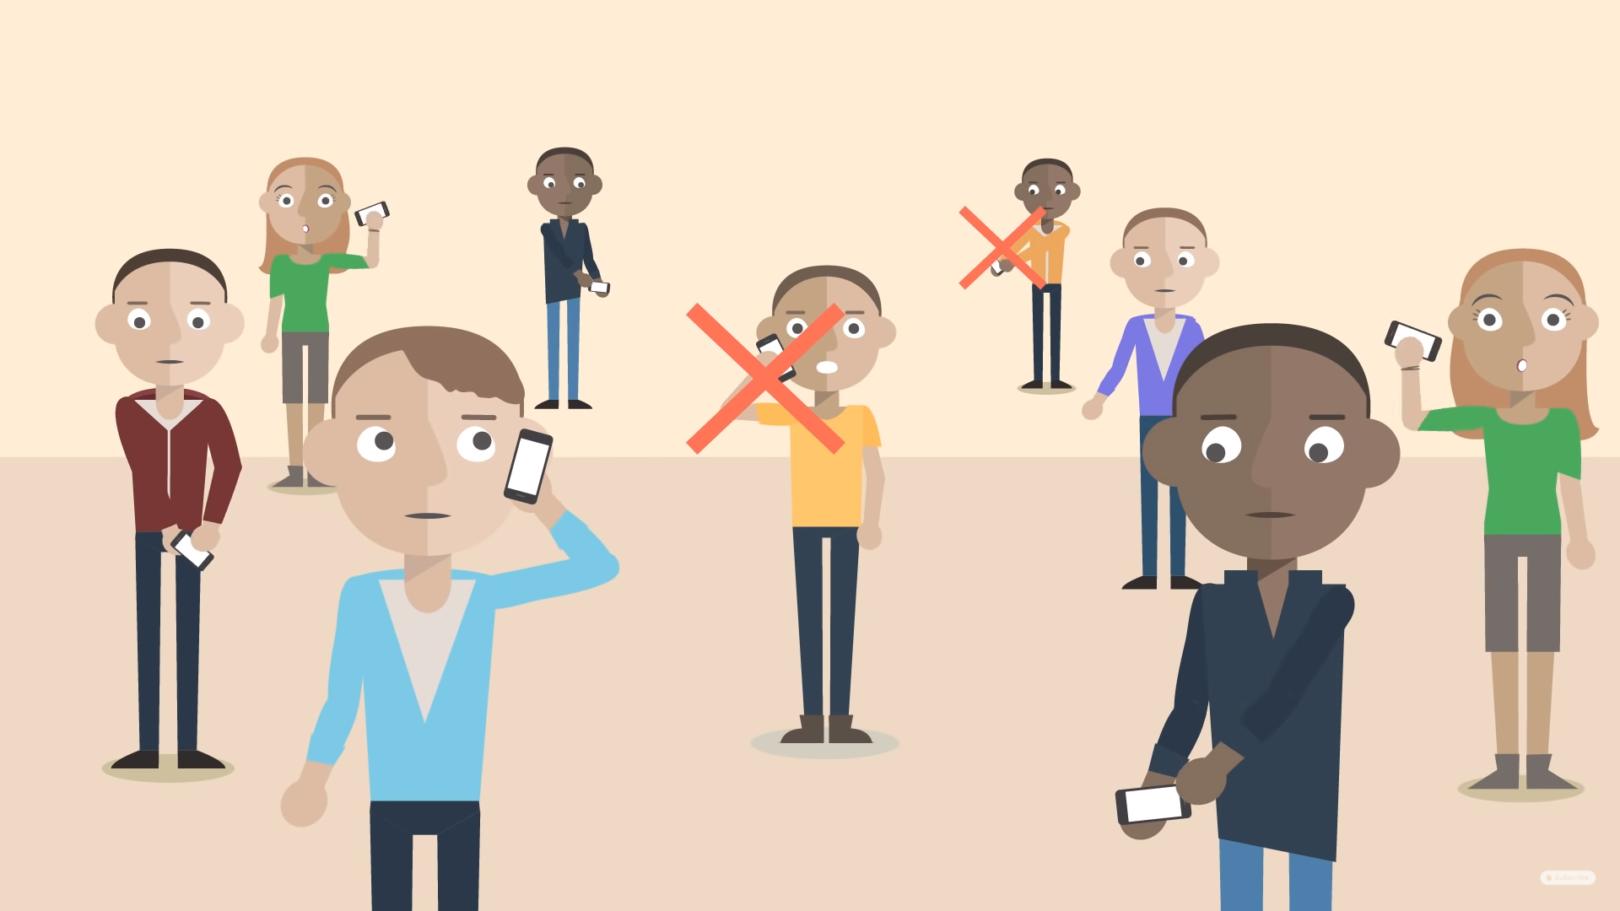 Ne opravljaj nepotrebnih klicev, ker se lahko omrežje zasiči in tisti, ki morajo nujno opraviti klic, tega ne bodo mogli.